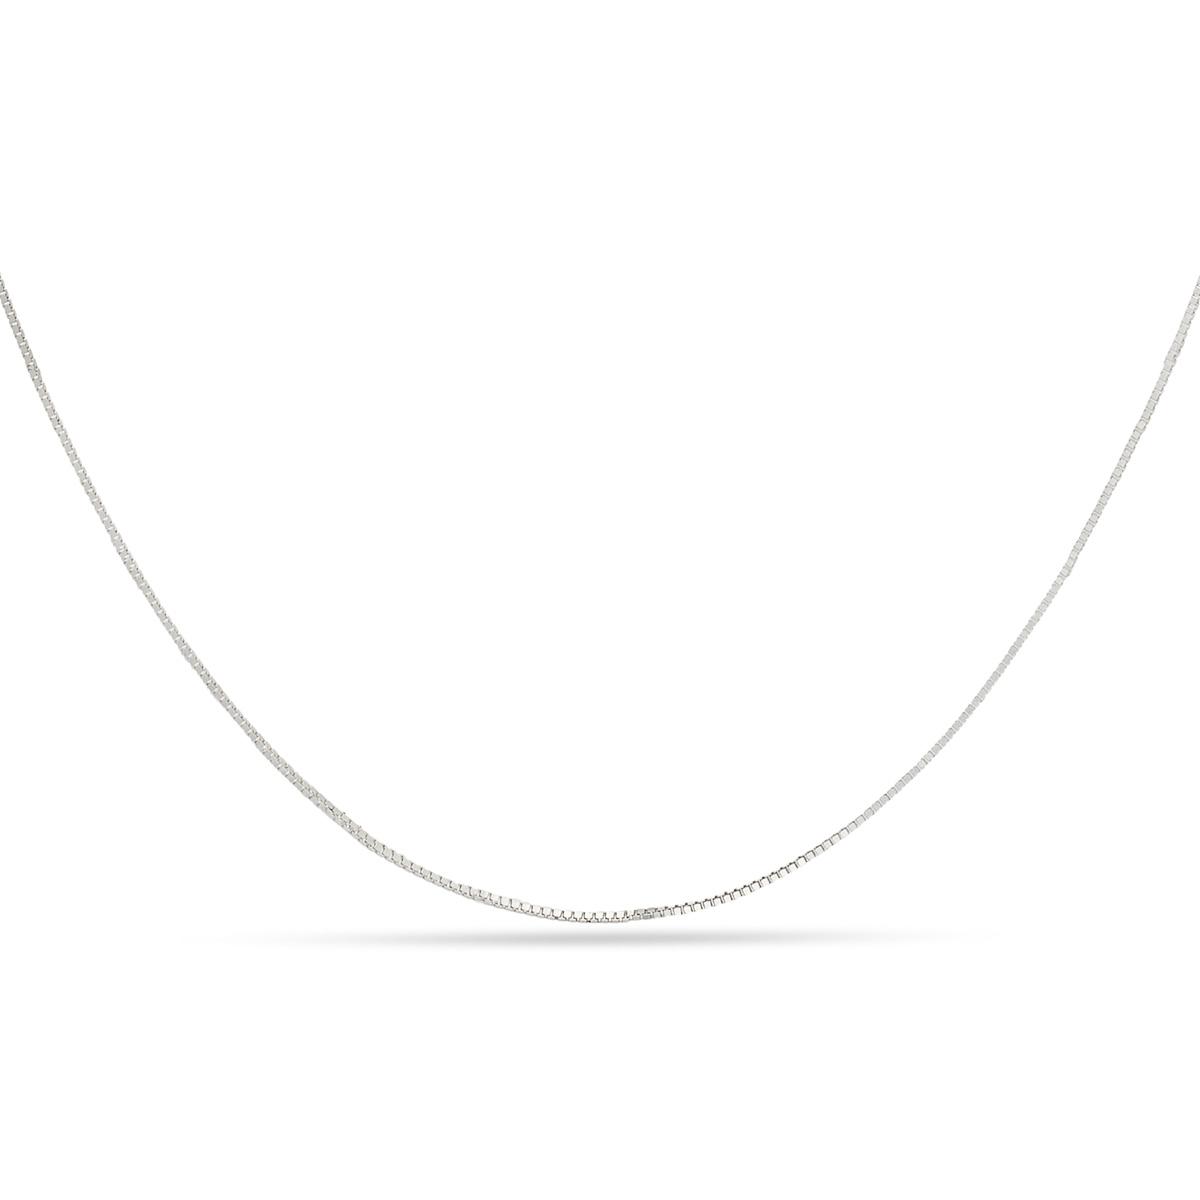 Sleek & Superb Chain